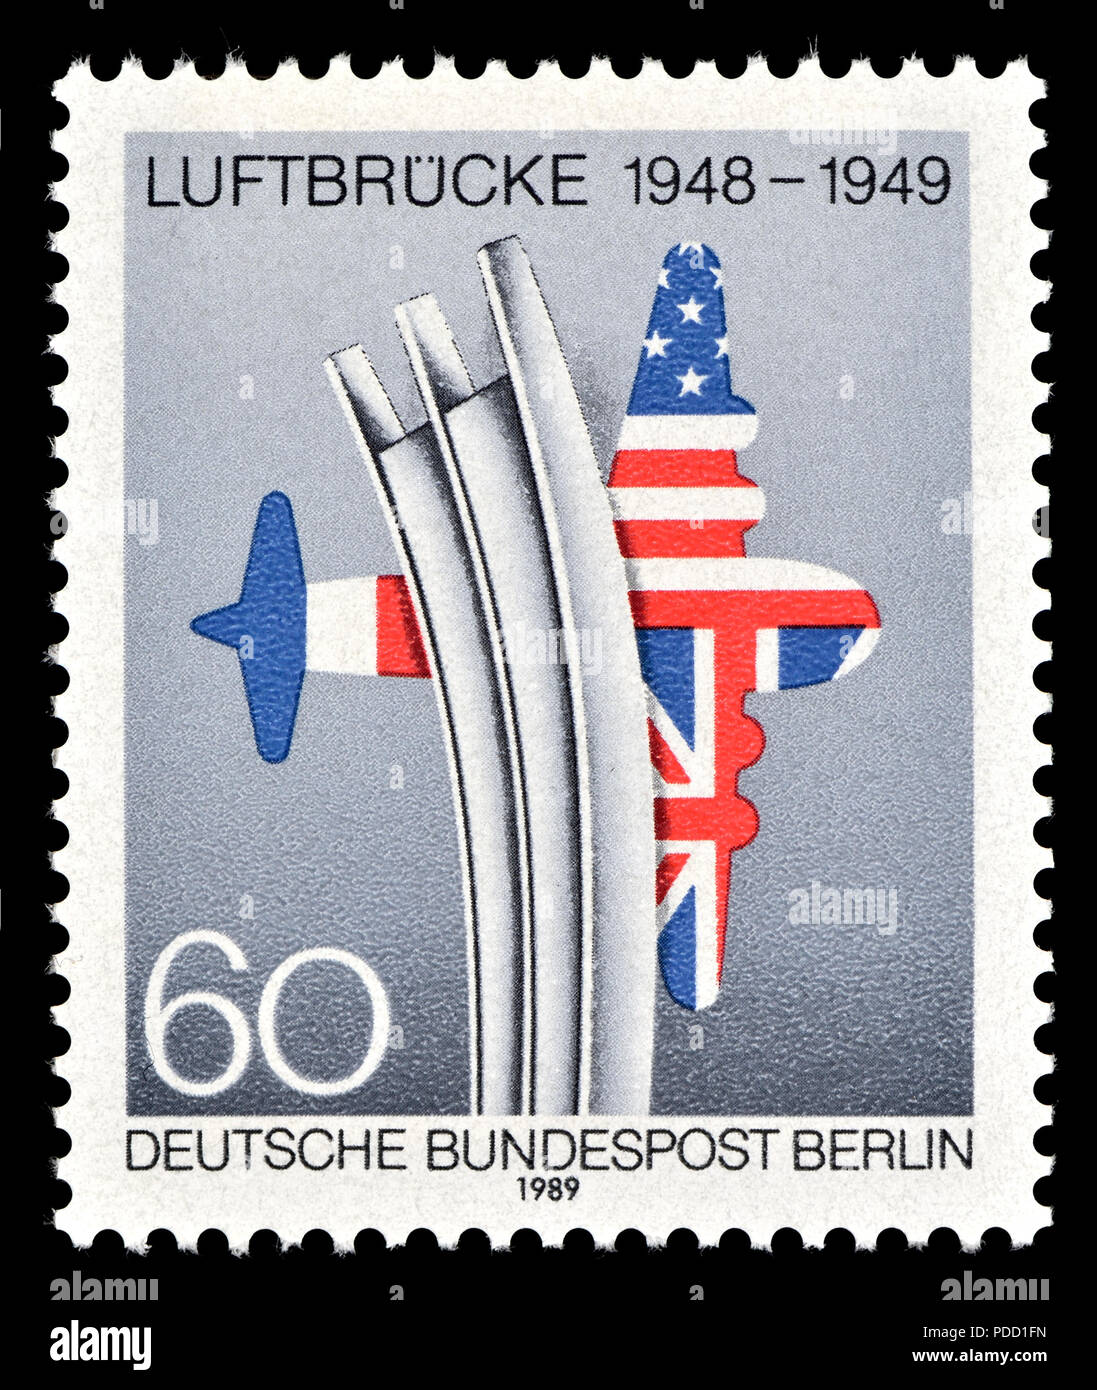 Timbre allemand (Berlin: 1989): Air Berlin Ascenseur / Luftbrucke (1948 - 49) la fourniture de marchandises à l'ouest de Berlin par avion pendant le blocus de Berlin af Photo Stock